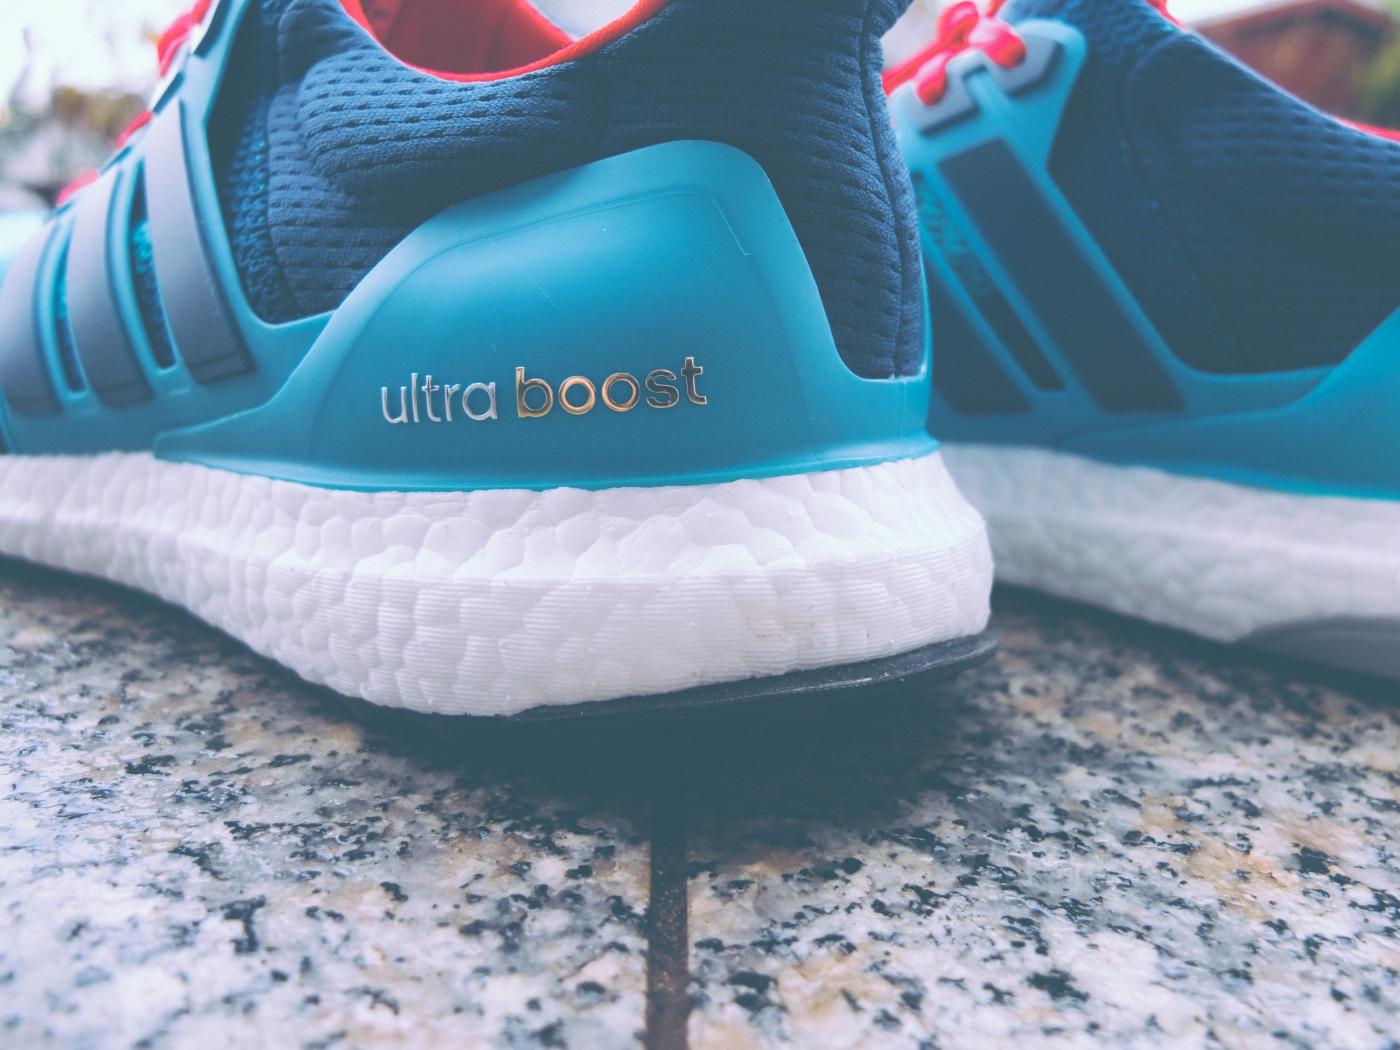 Der Adidas Ultra Boost im Test - Der beste Laufschuh aller Zeiten?